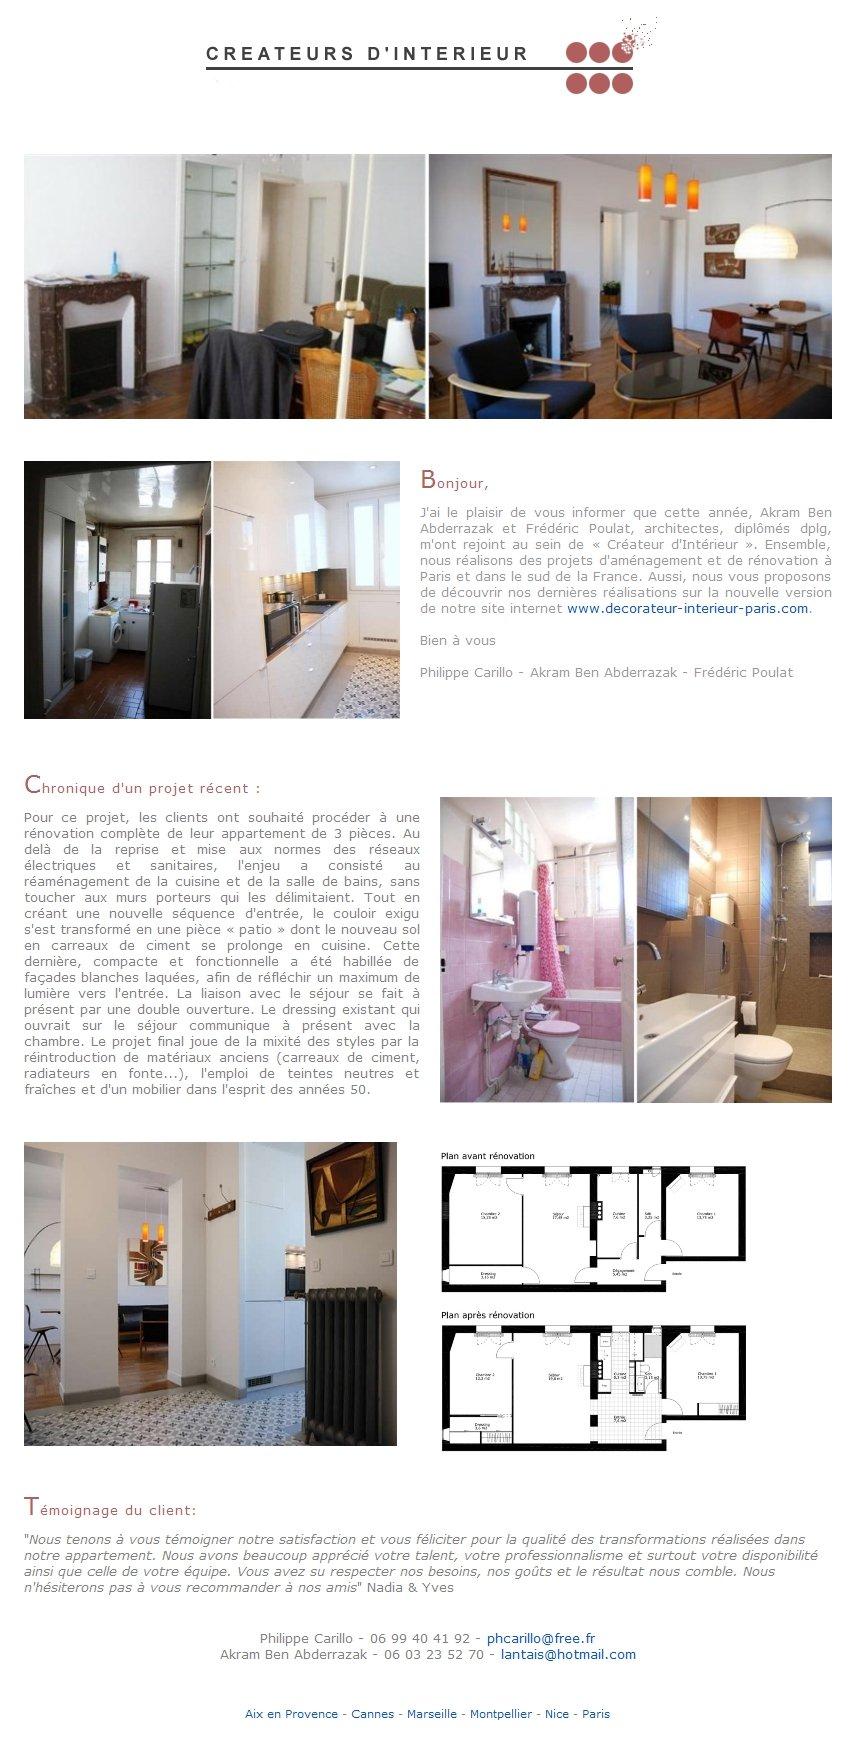 newsletter cr ateurs d 39 int rieur paris. Black Bedroom Furniture Sets. Home Design Ideas